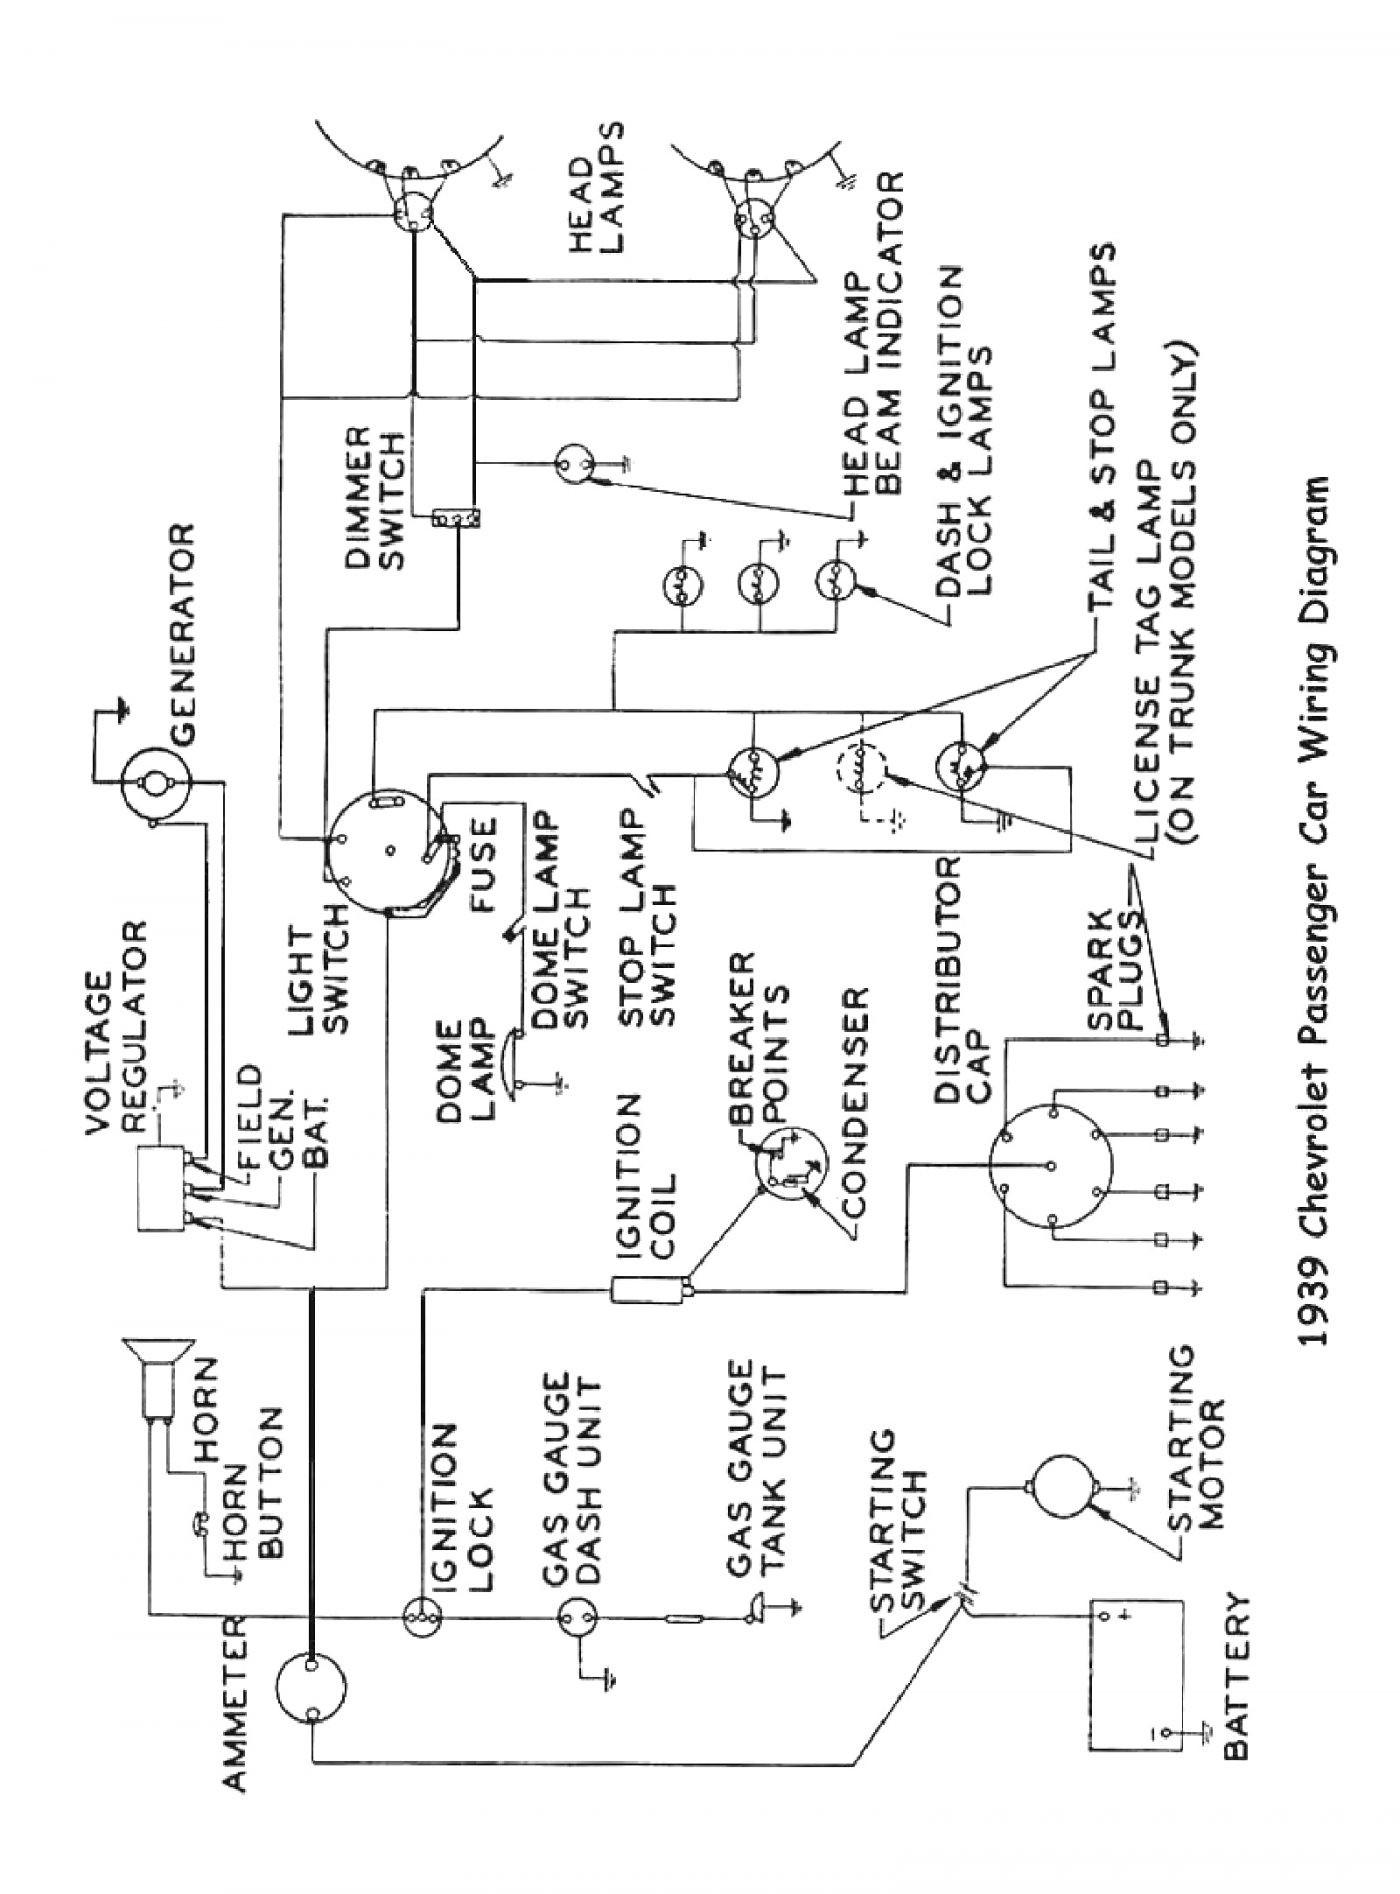 Meyer Plow Wiring Diagram Meyers Snow Plowiring Diagram